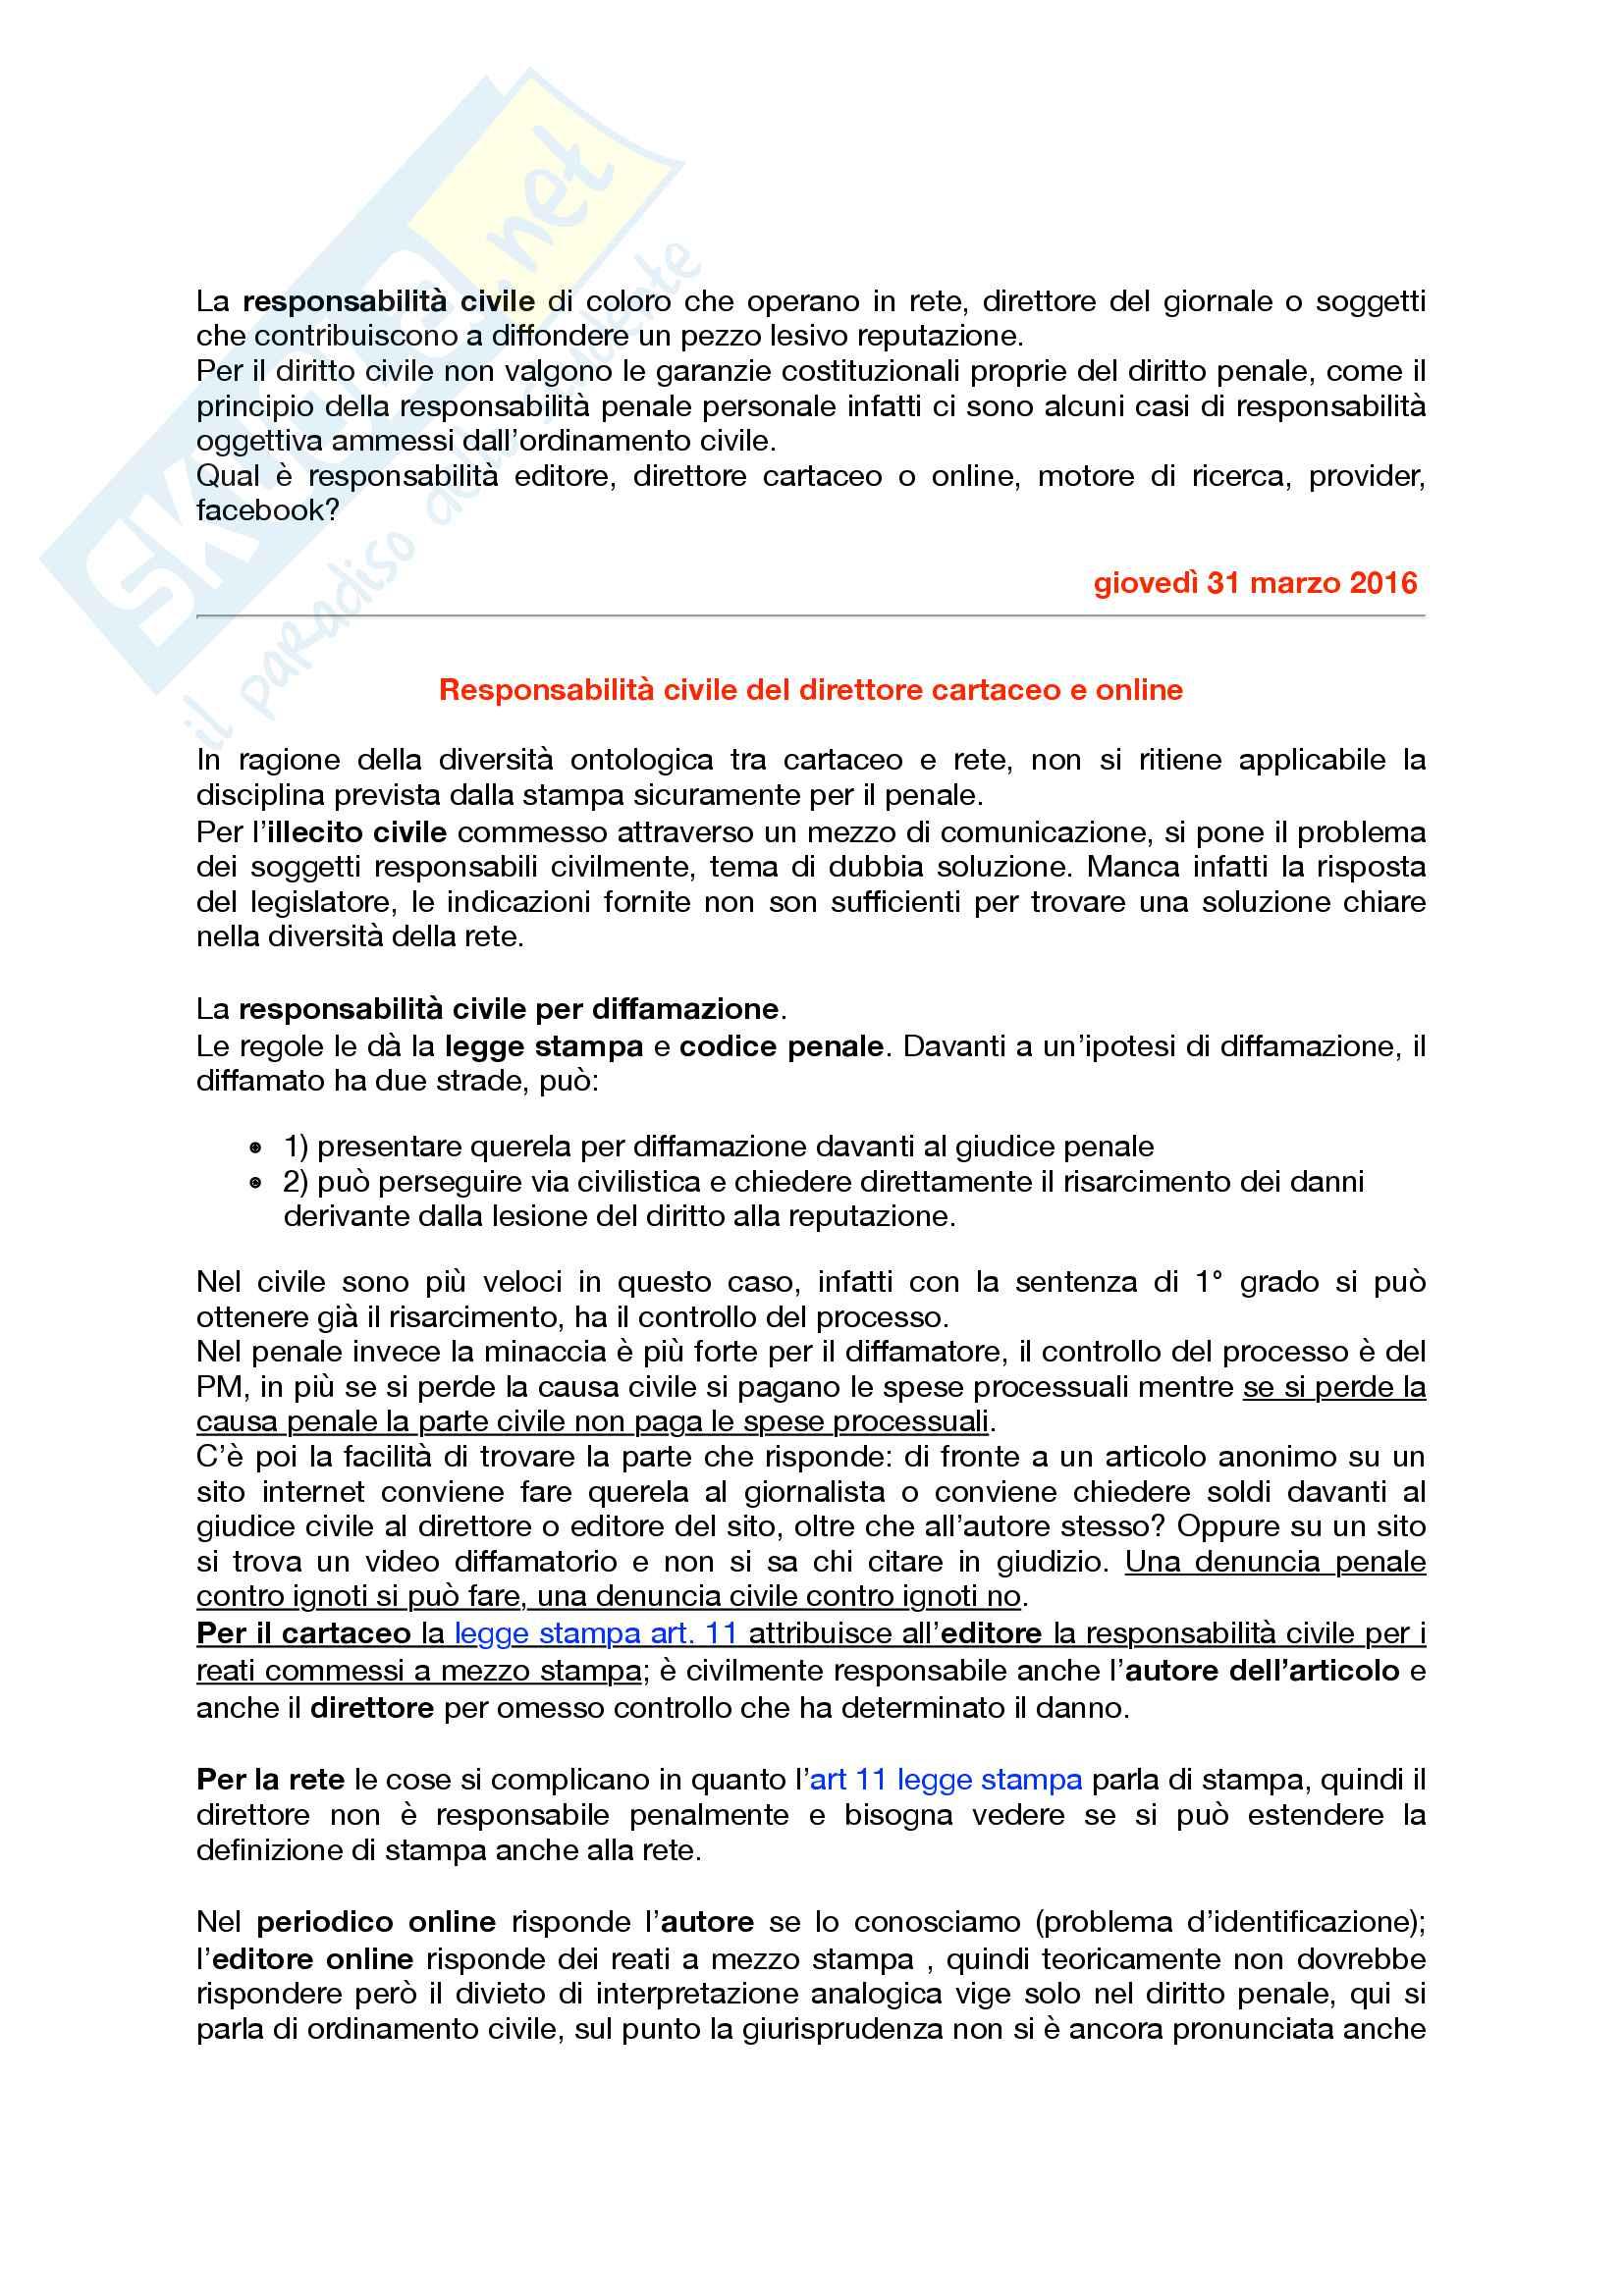 Appunti di Diritto dell'Informazione e Comunicazione 2016 Pag. 36